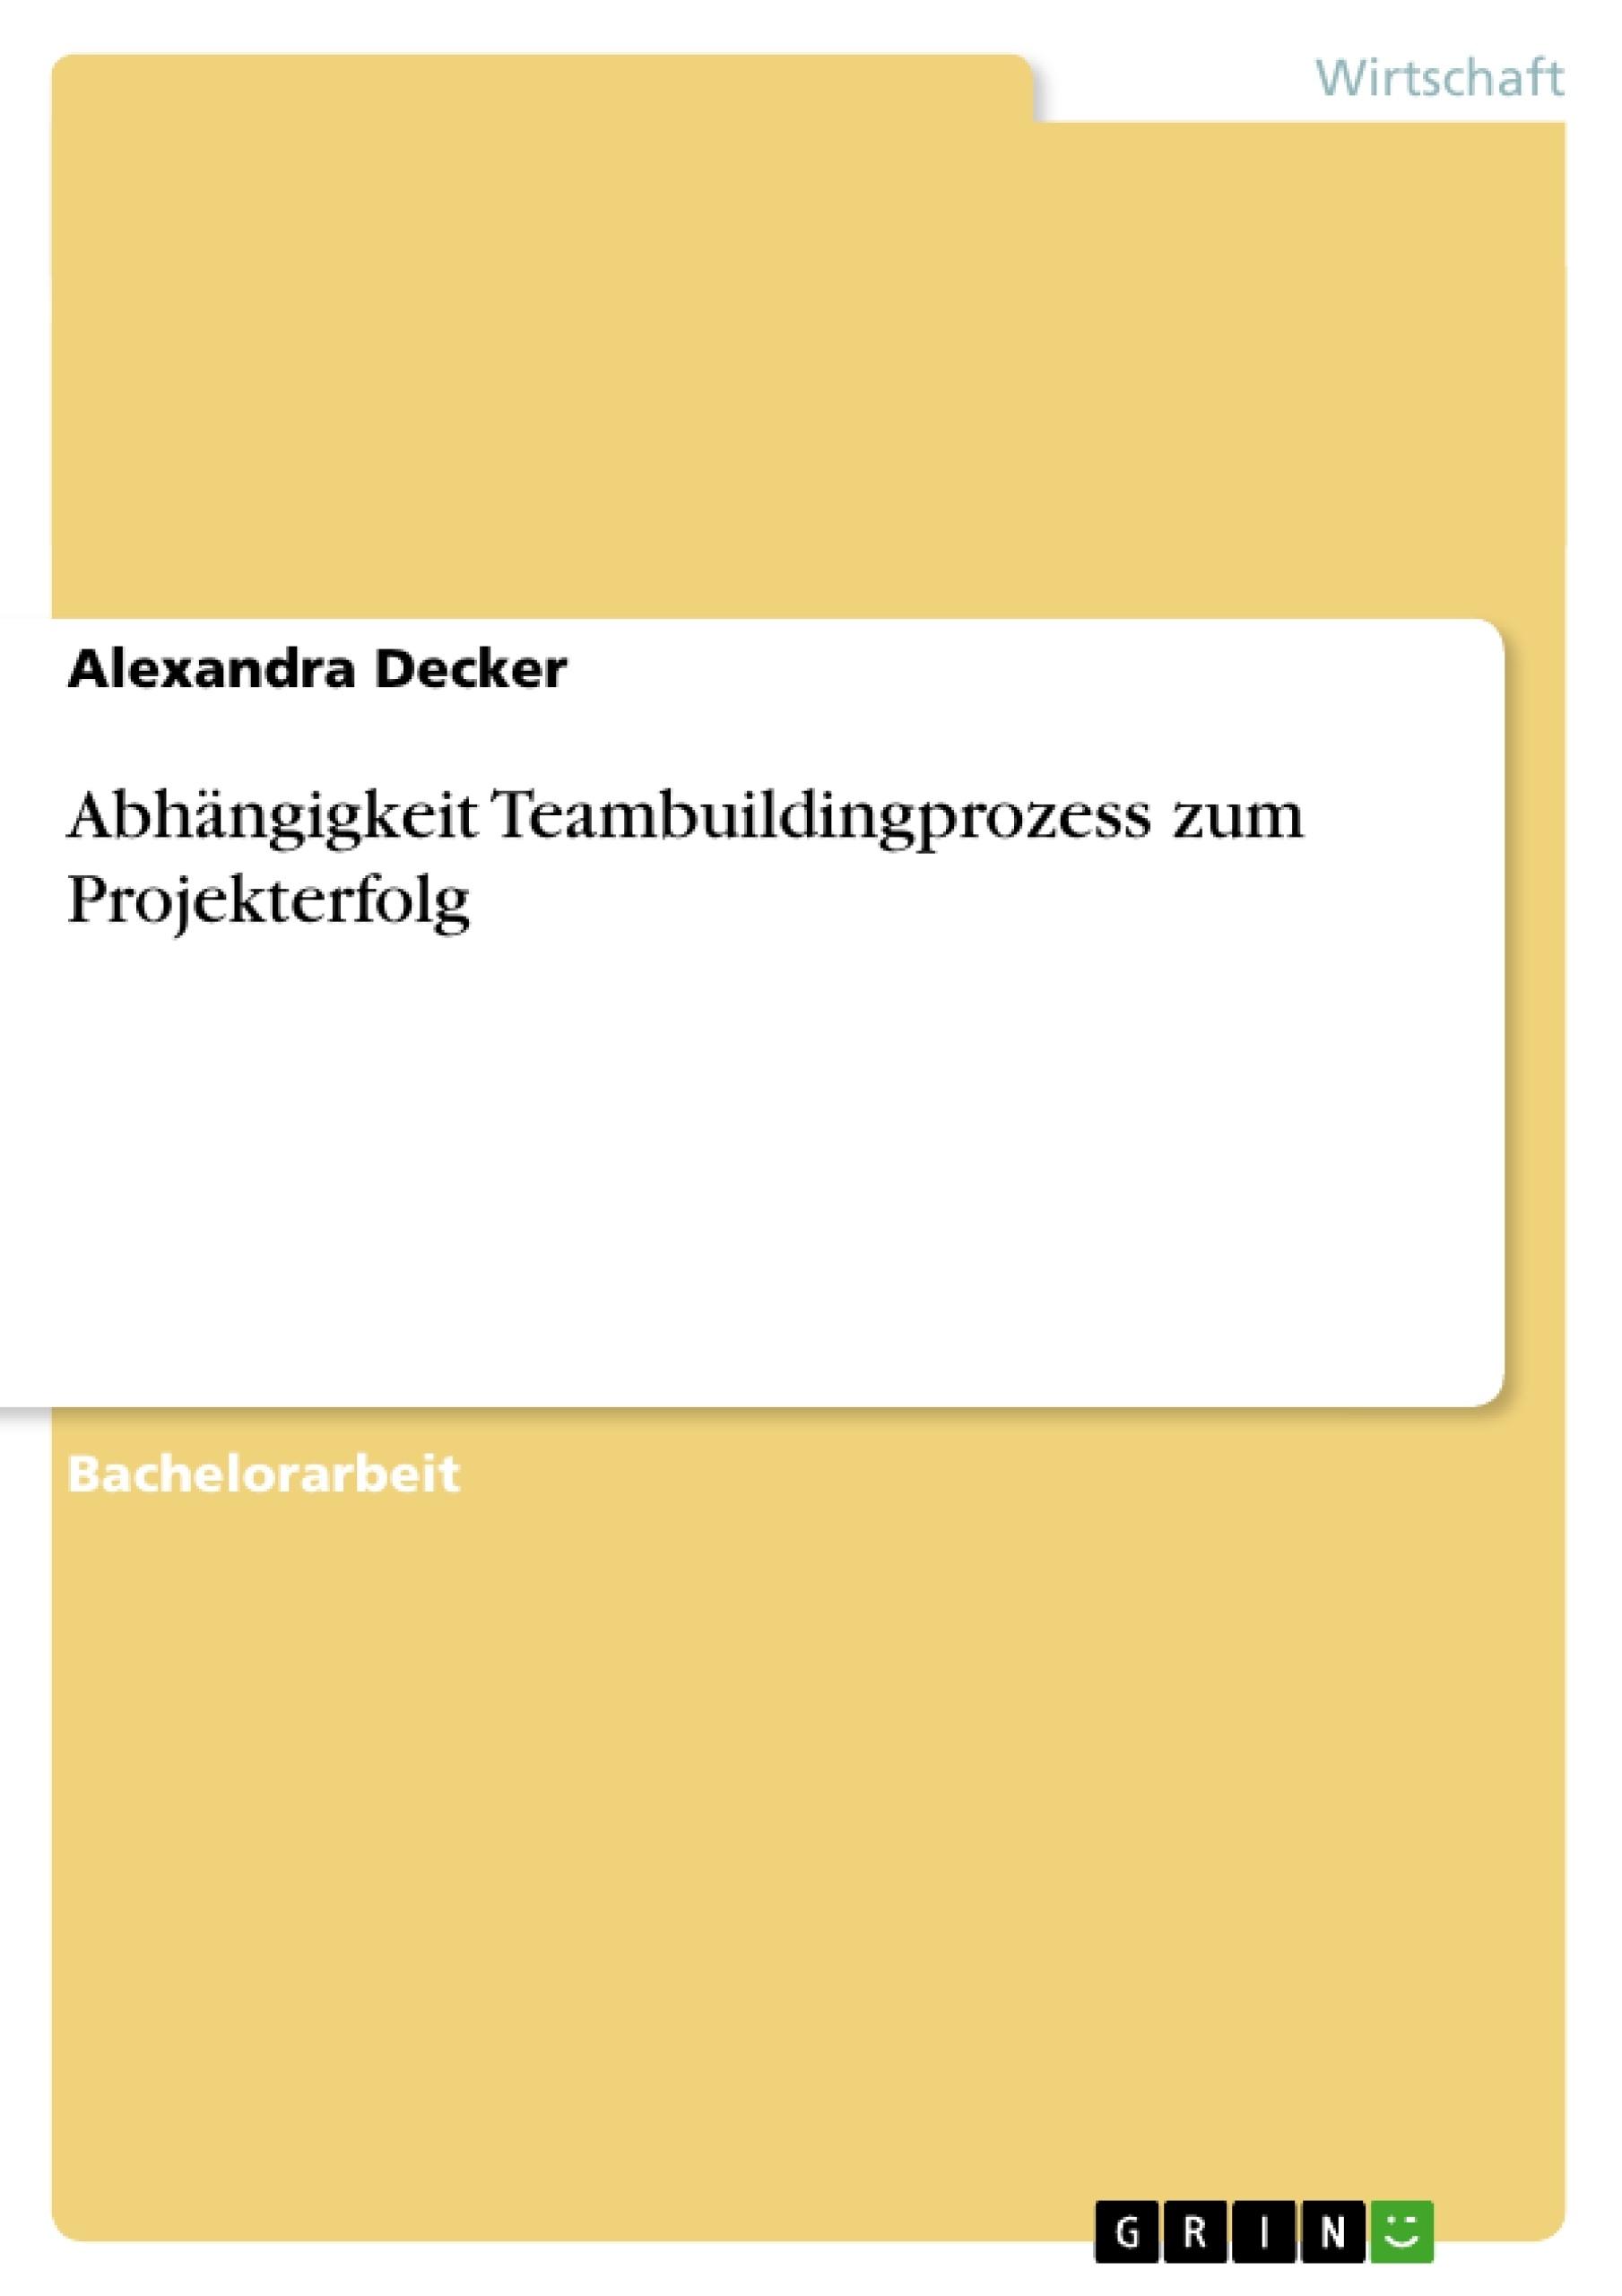 Titel: Abhängigkeit Teambuildingprozess zum Projekterfolg